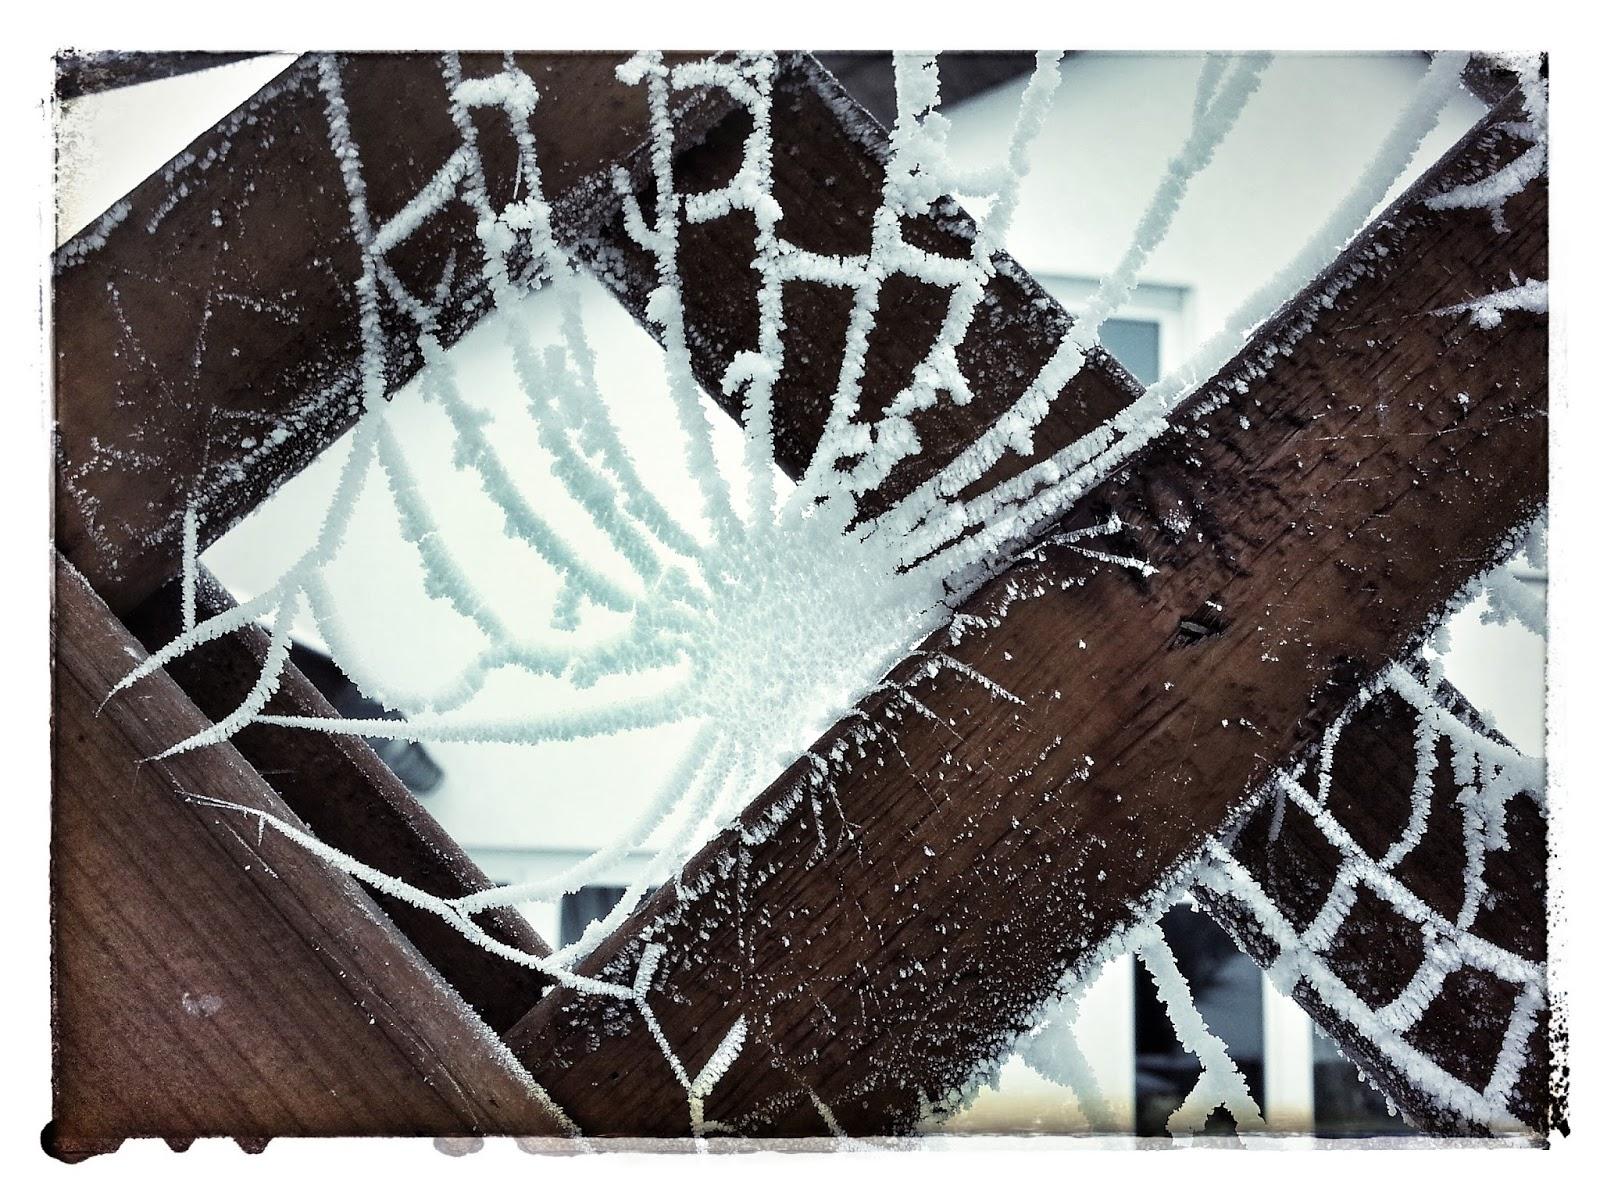 gartenspazierg nge mit ull rike v terchen frost und seine k nste. Black Bedroom Furniture Sets. Home Design Ideas